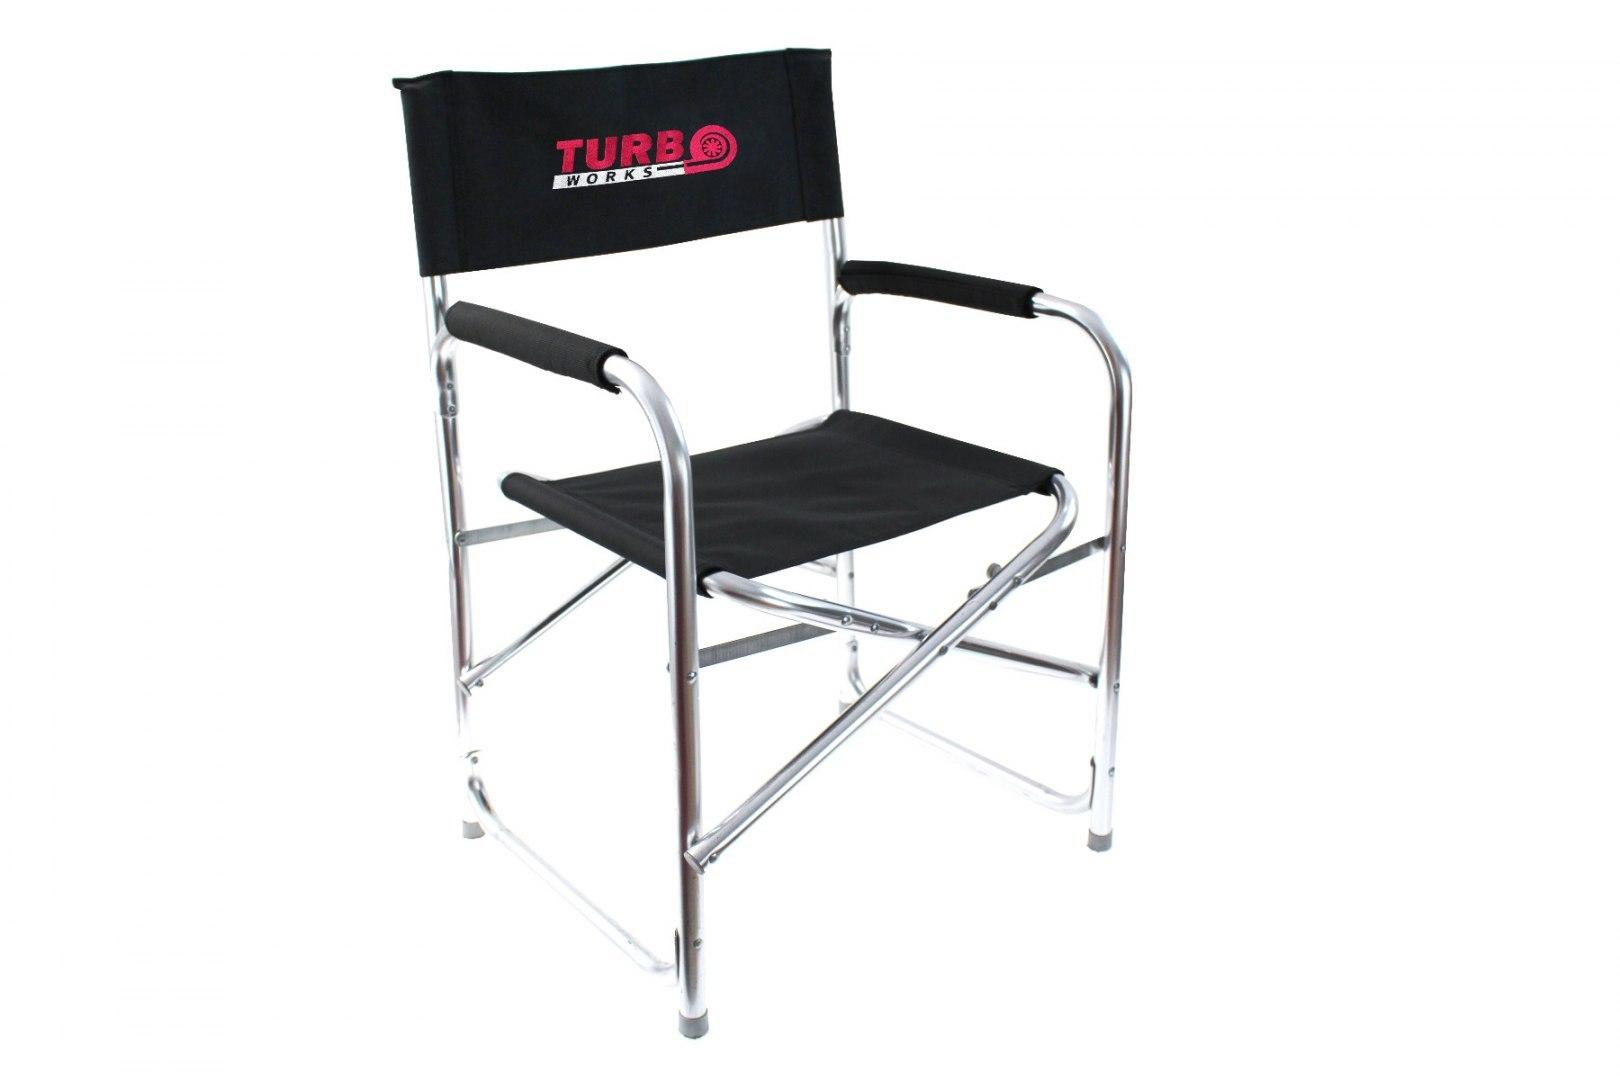 Krzesełko turystyczne TurboWorks - GRUBYGARAGE - Sklep Tuningowy